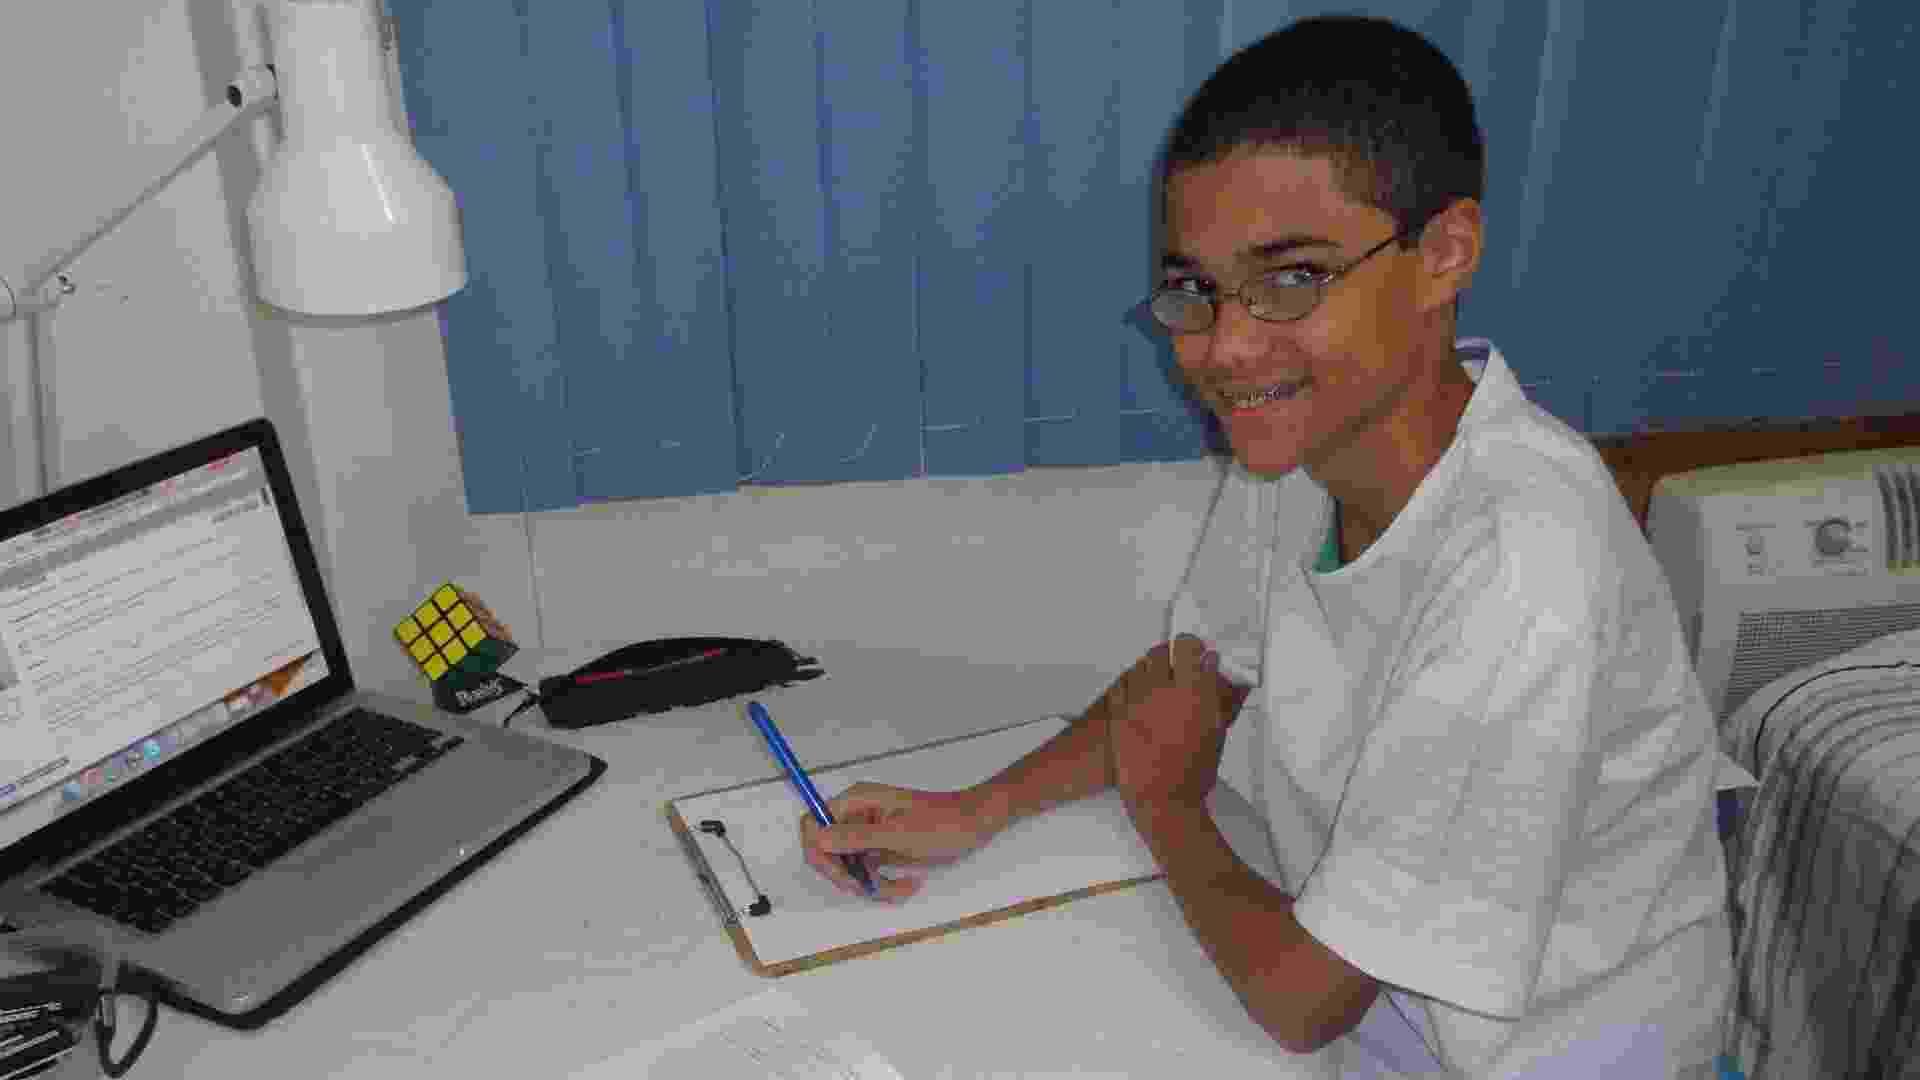 O carioca Daniel Santana Rocha tem apenas 15 anos, estuda em escola pública, é filho de professores e ganhou, no mês passado, a medalha de ouro na Olimpíada de Matemática da Comunidade dos Países da Língua Portuguesa, disputada em Salvador - Felipe Martins/UOL